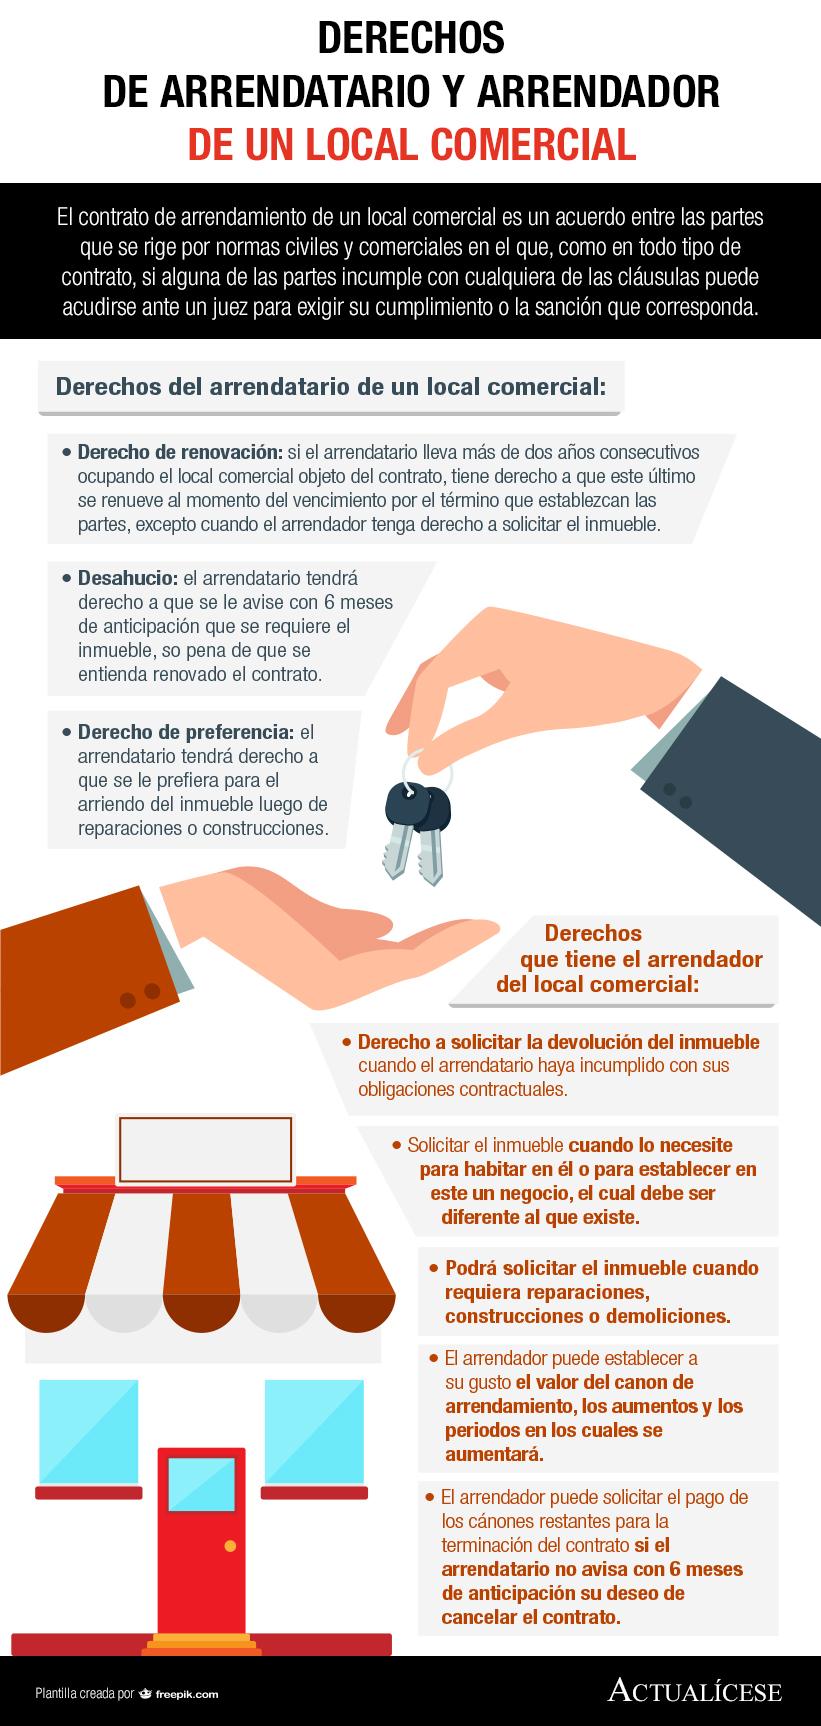 [Infografía] Derechos de arrendatario y arrendador de un local comercial